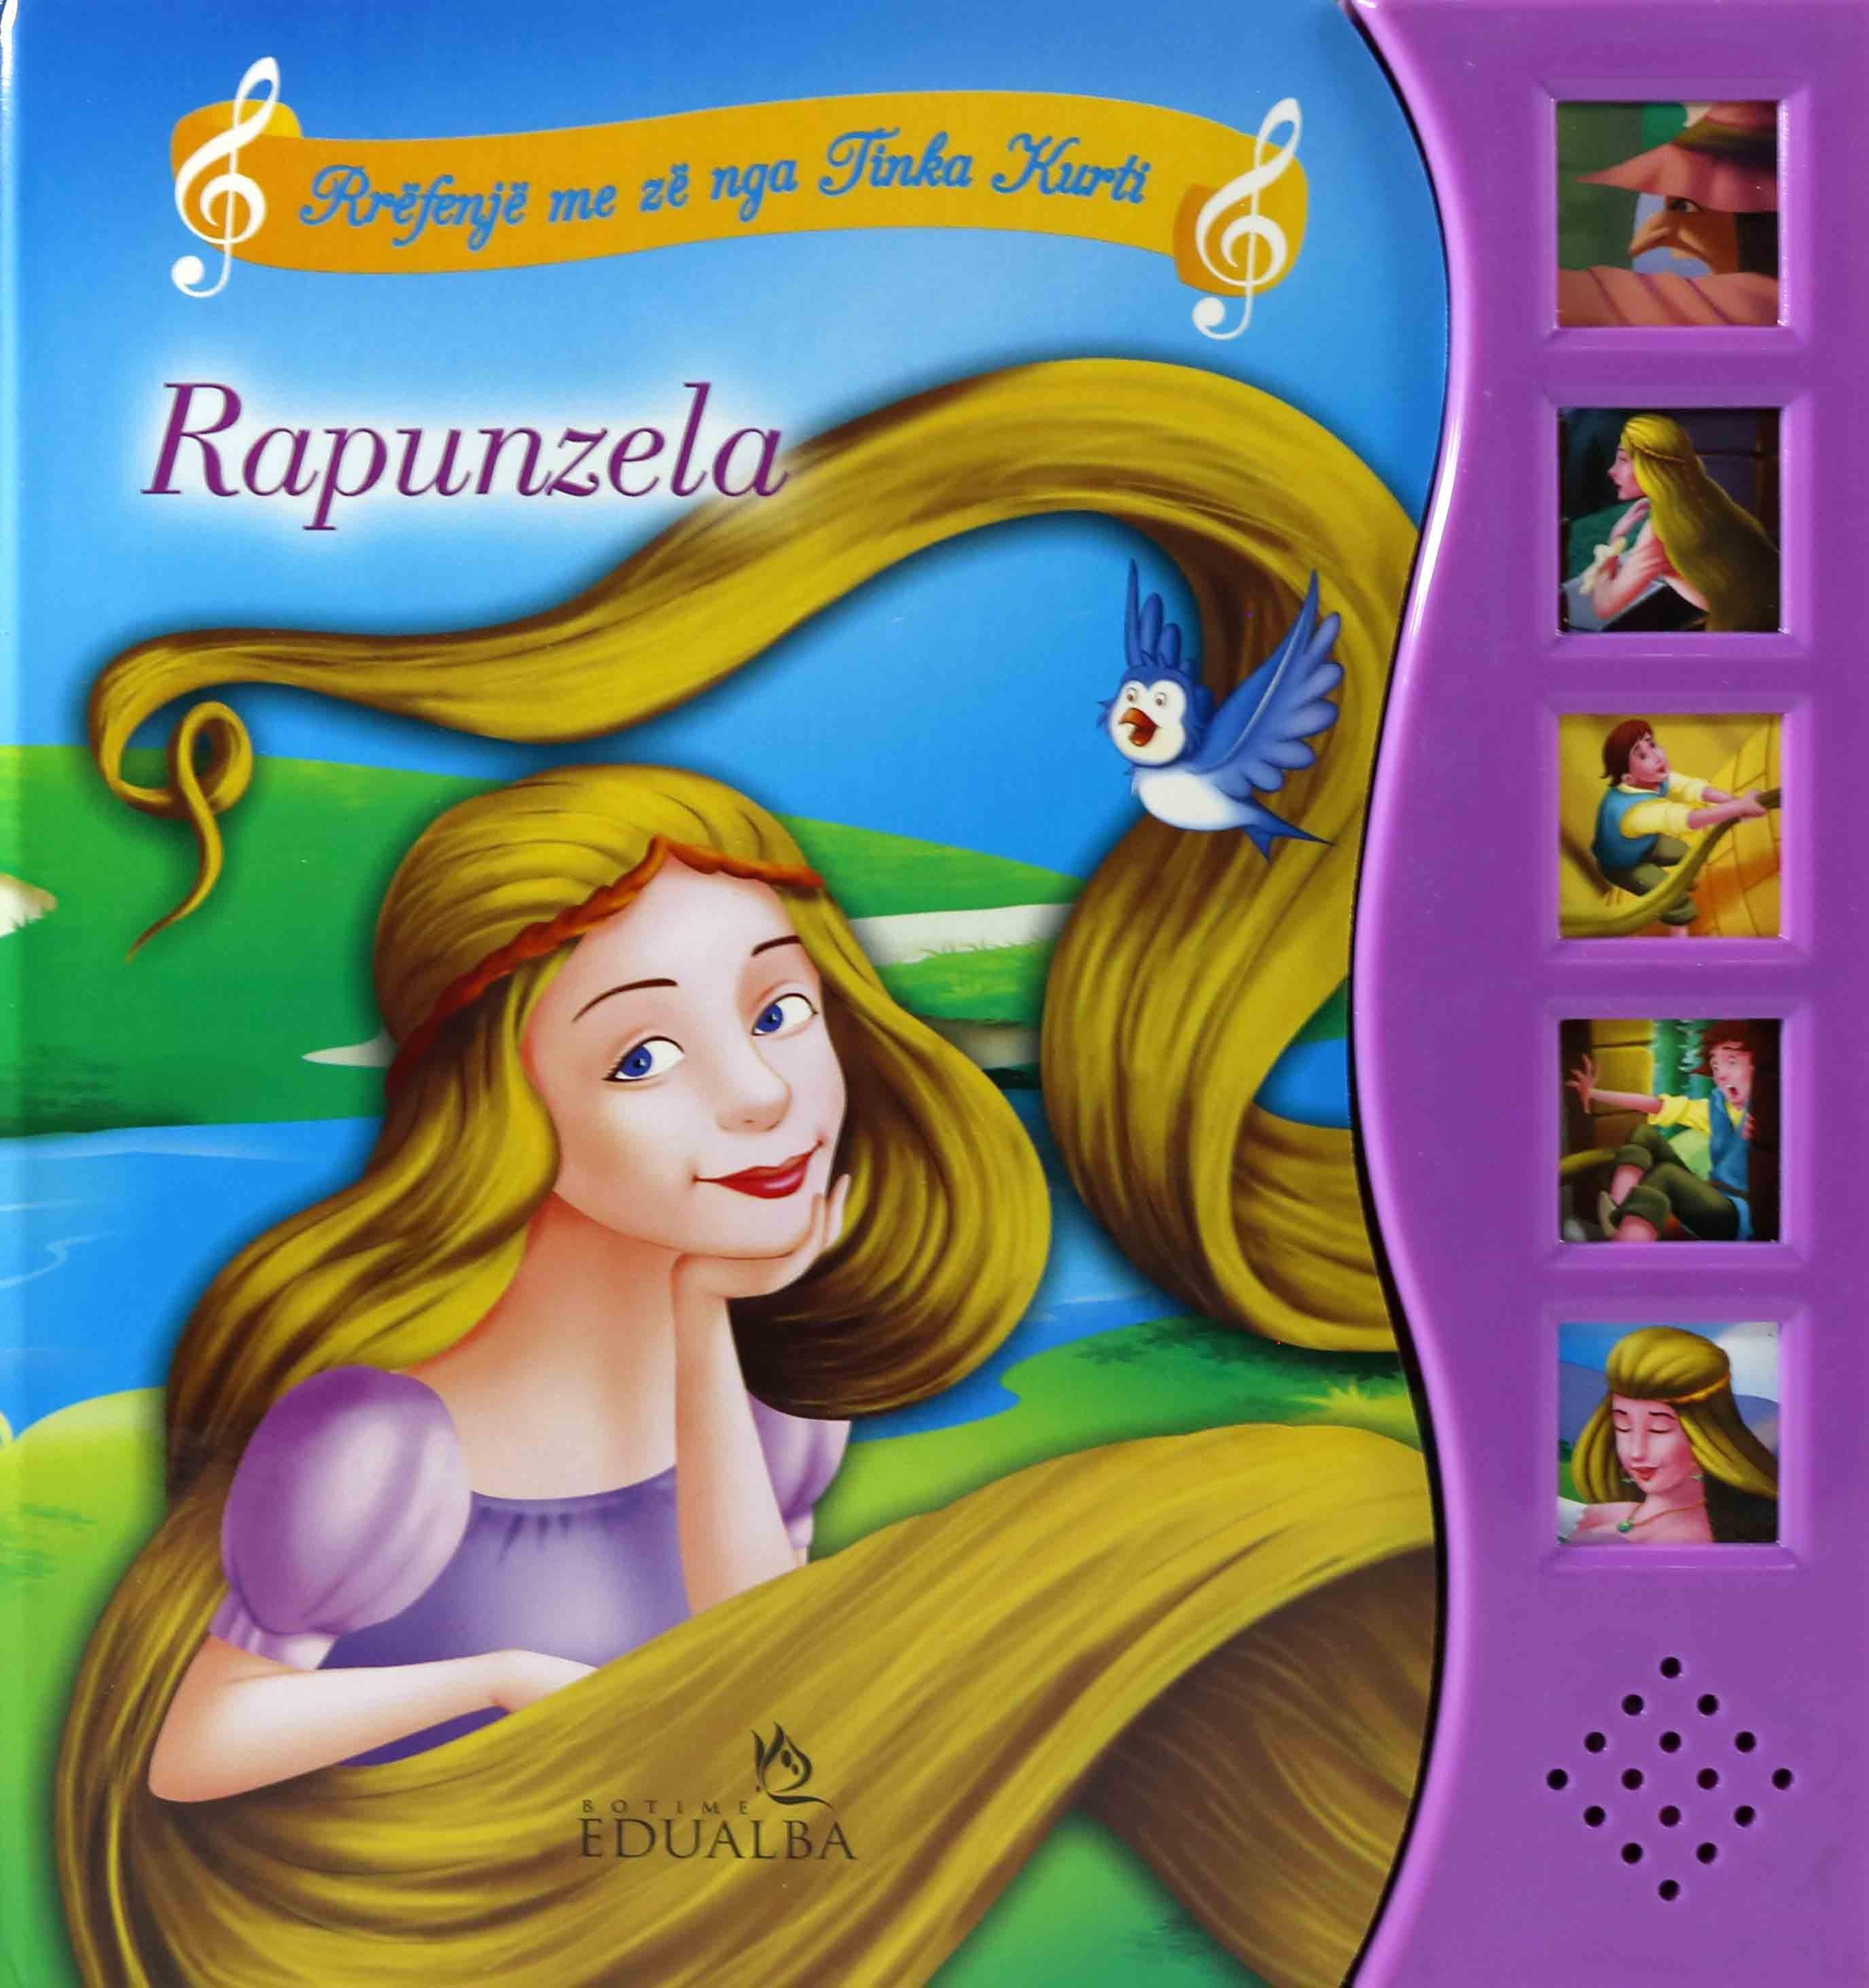 Rapunzela